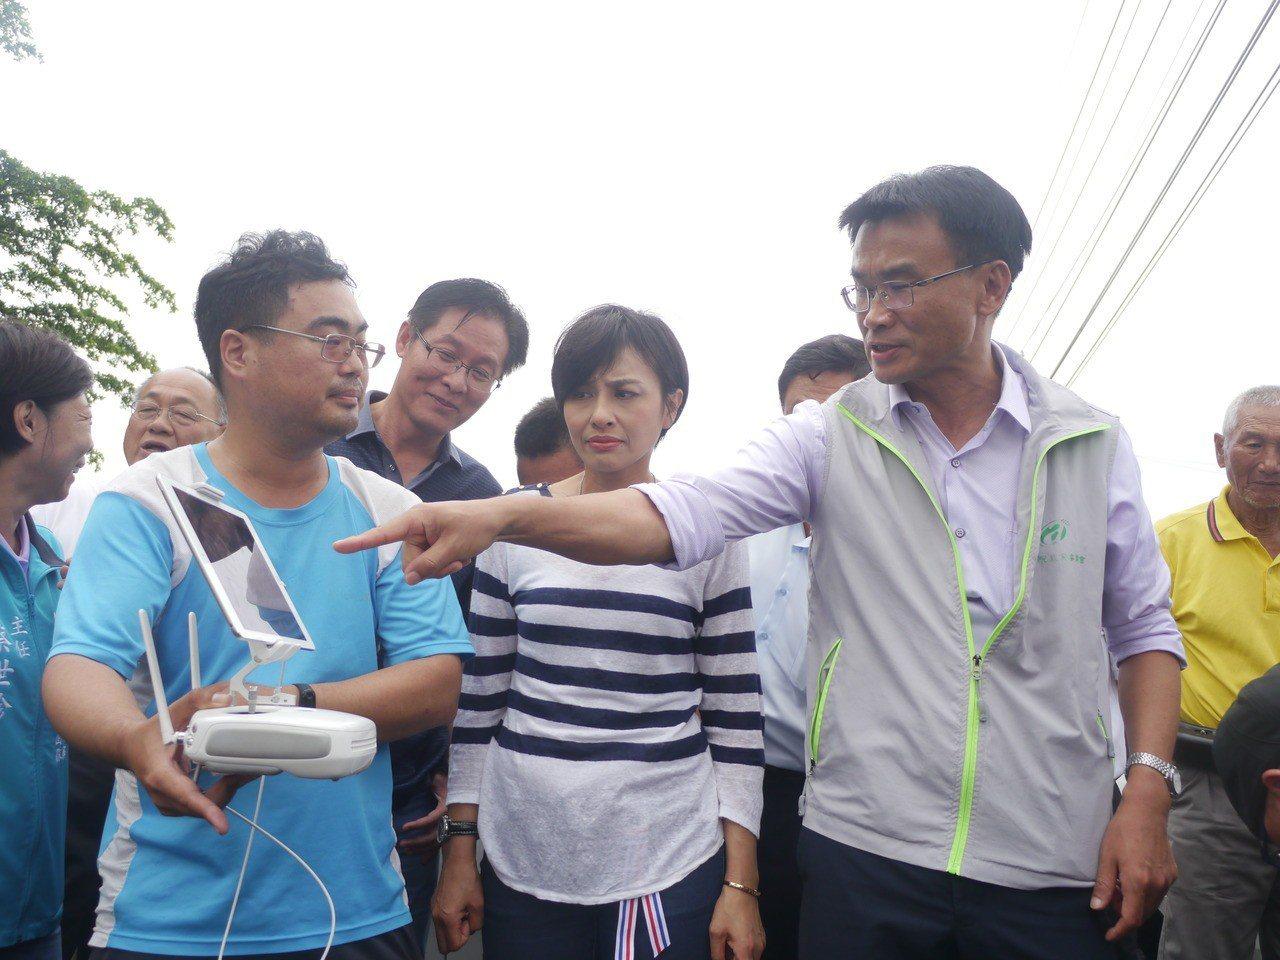 行政院農委會主委陳吉仲(右一)觀看無人機運作情況。記者徐白櫻/攝影